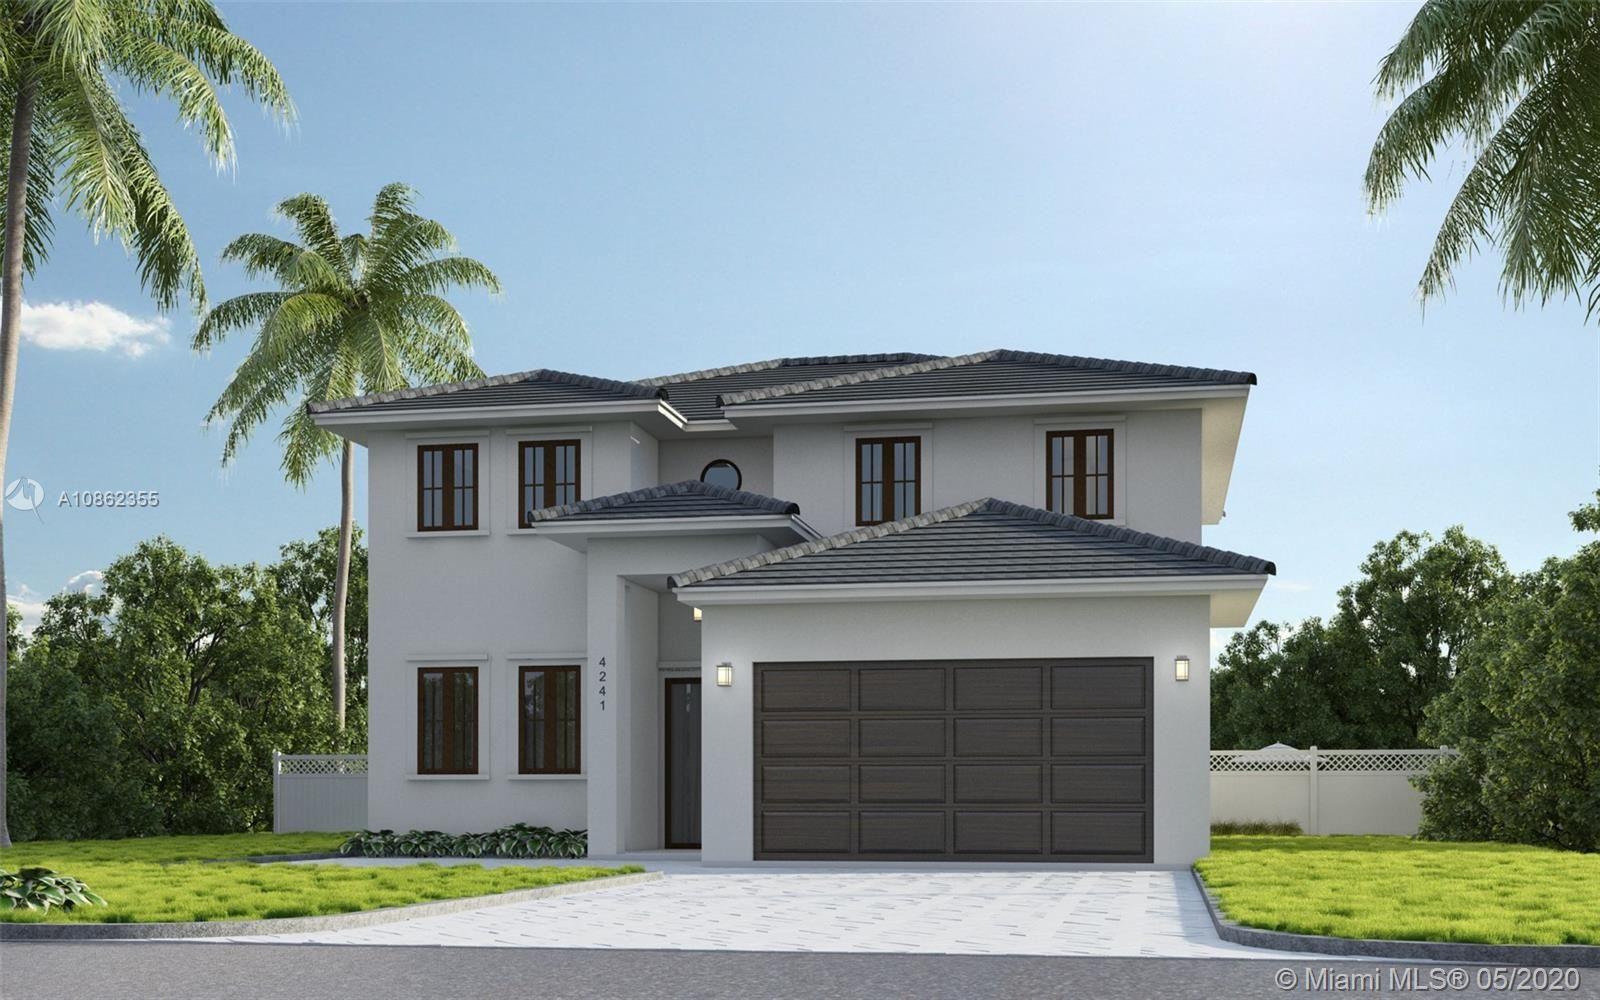 4241 SW 85th Ave, Miami, FL 33155 - #: A10862355